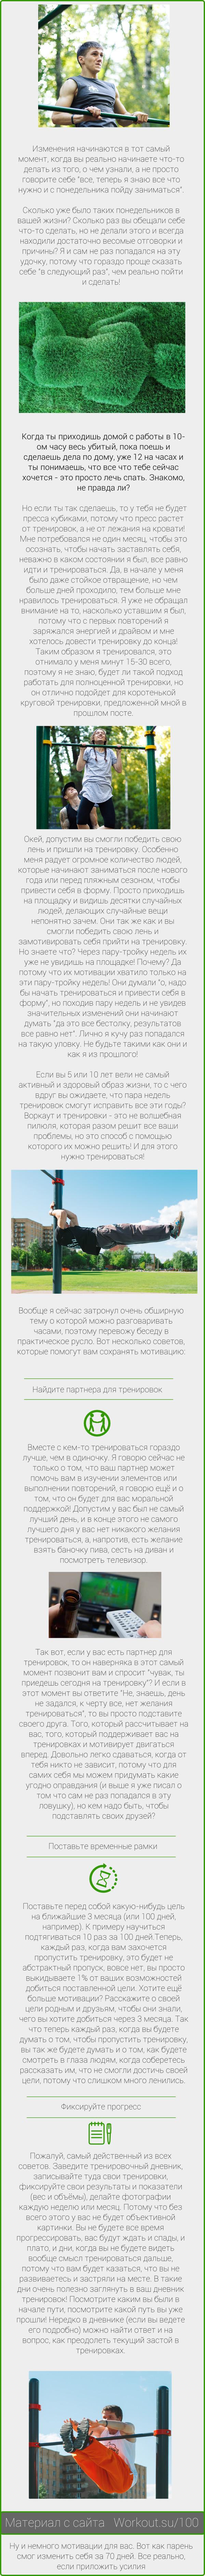 Для тех, кто собирается начать тренироваться Спорт, Мотивация, Воркаут, Здоровье, Длиннопост, Видео